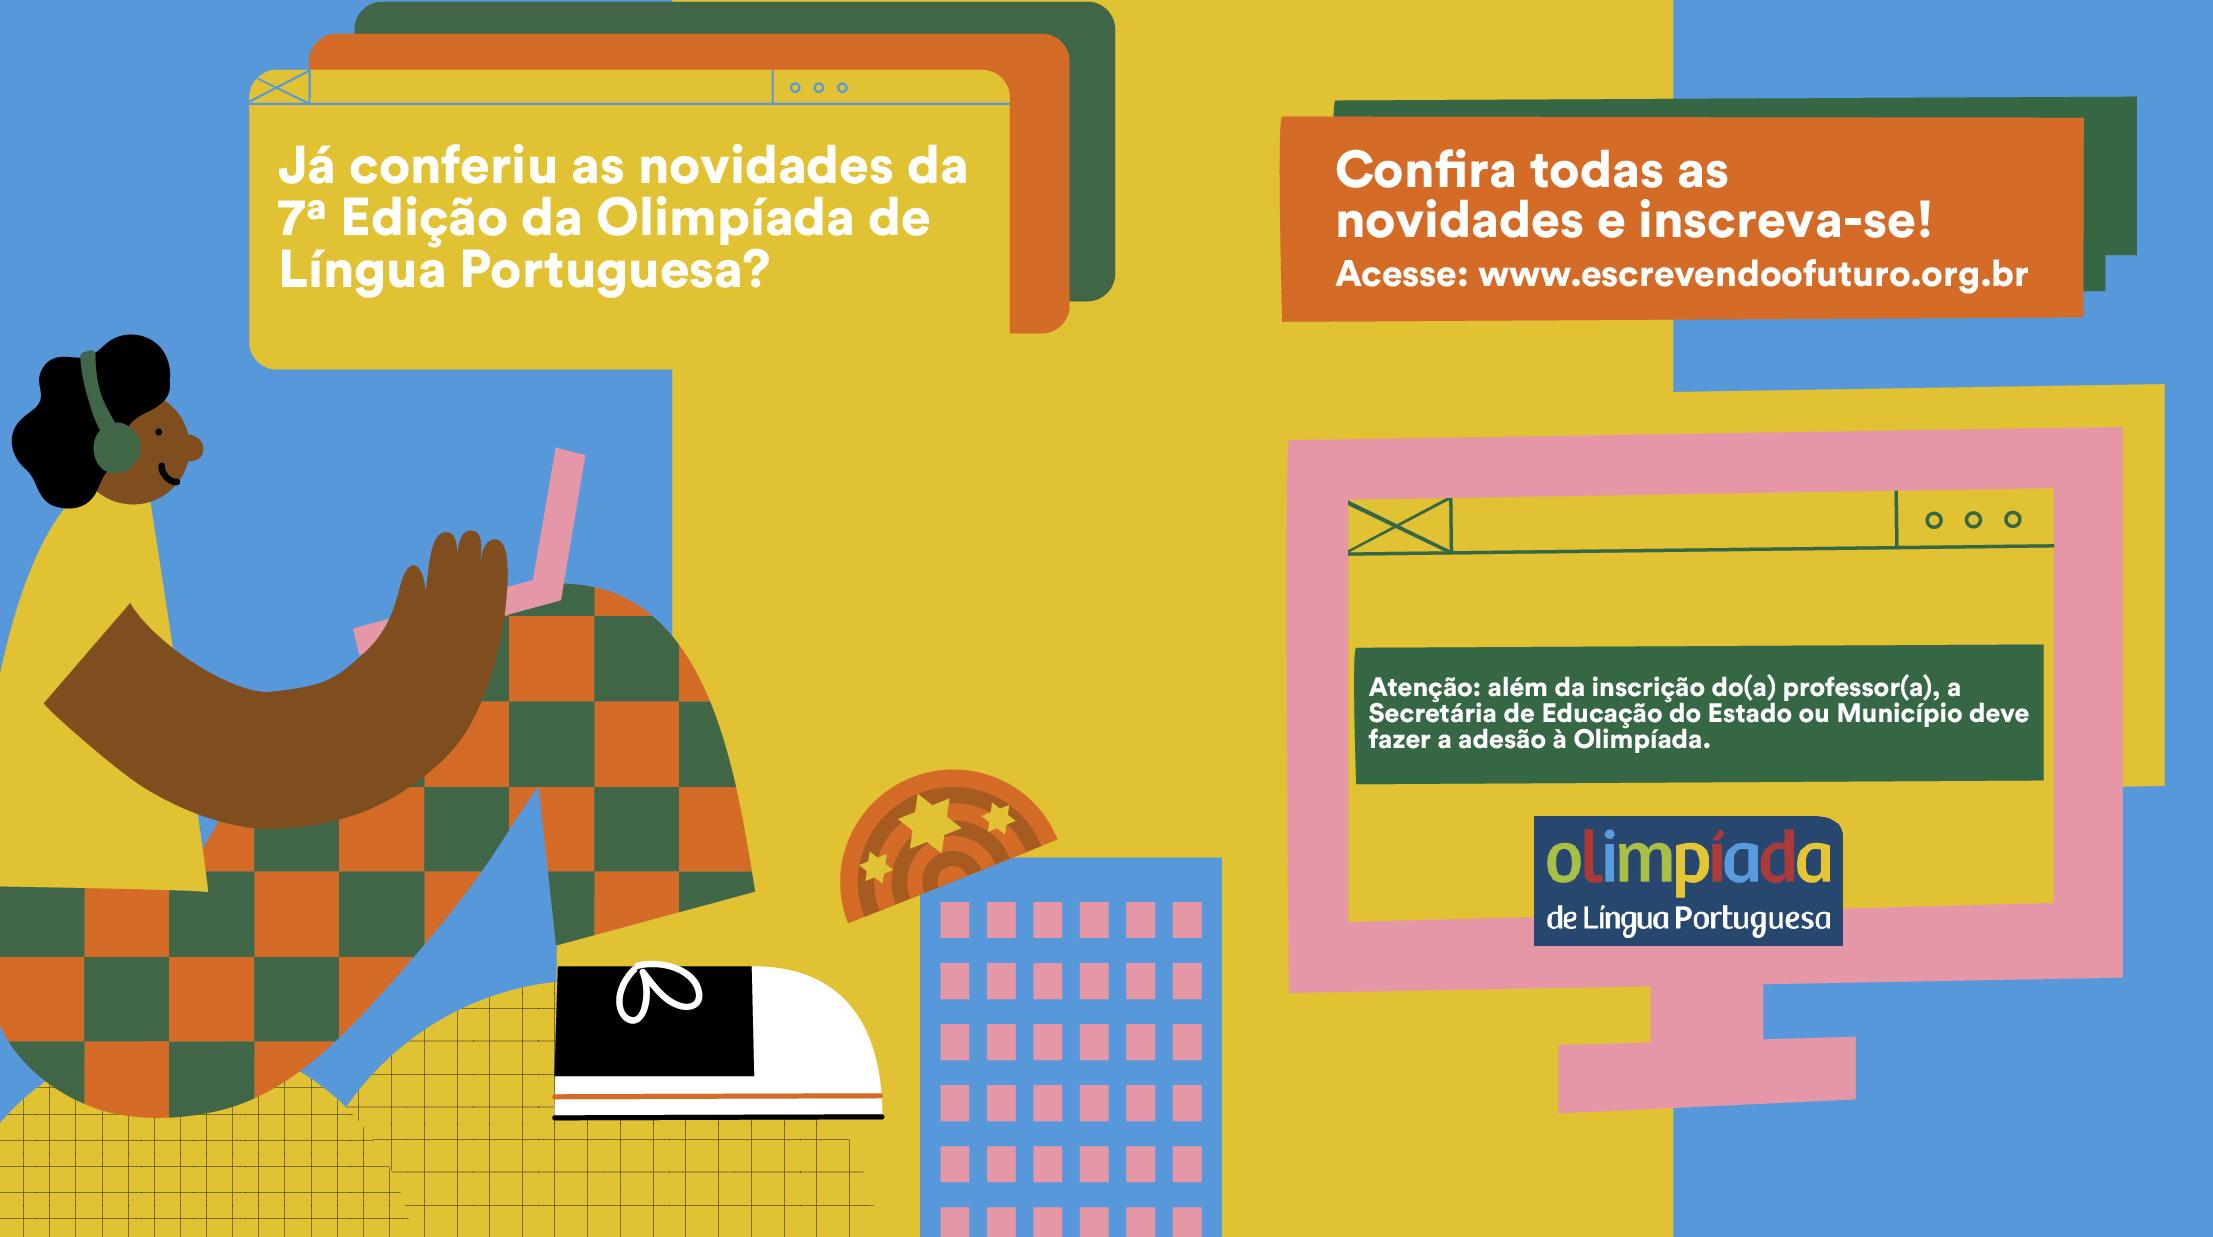 Abertas as inscrições para a 7ª edição da Olimpíada de Língua Portuguesa